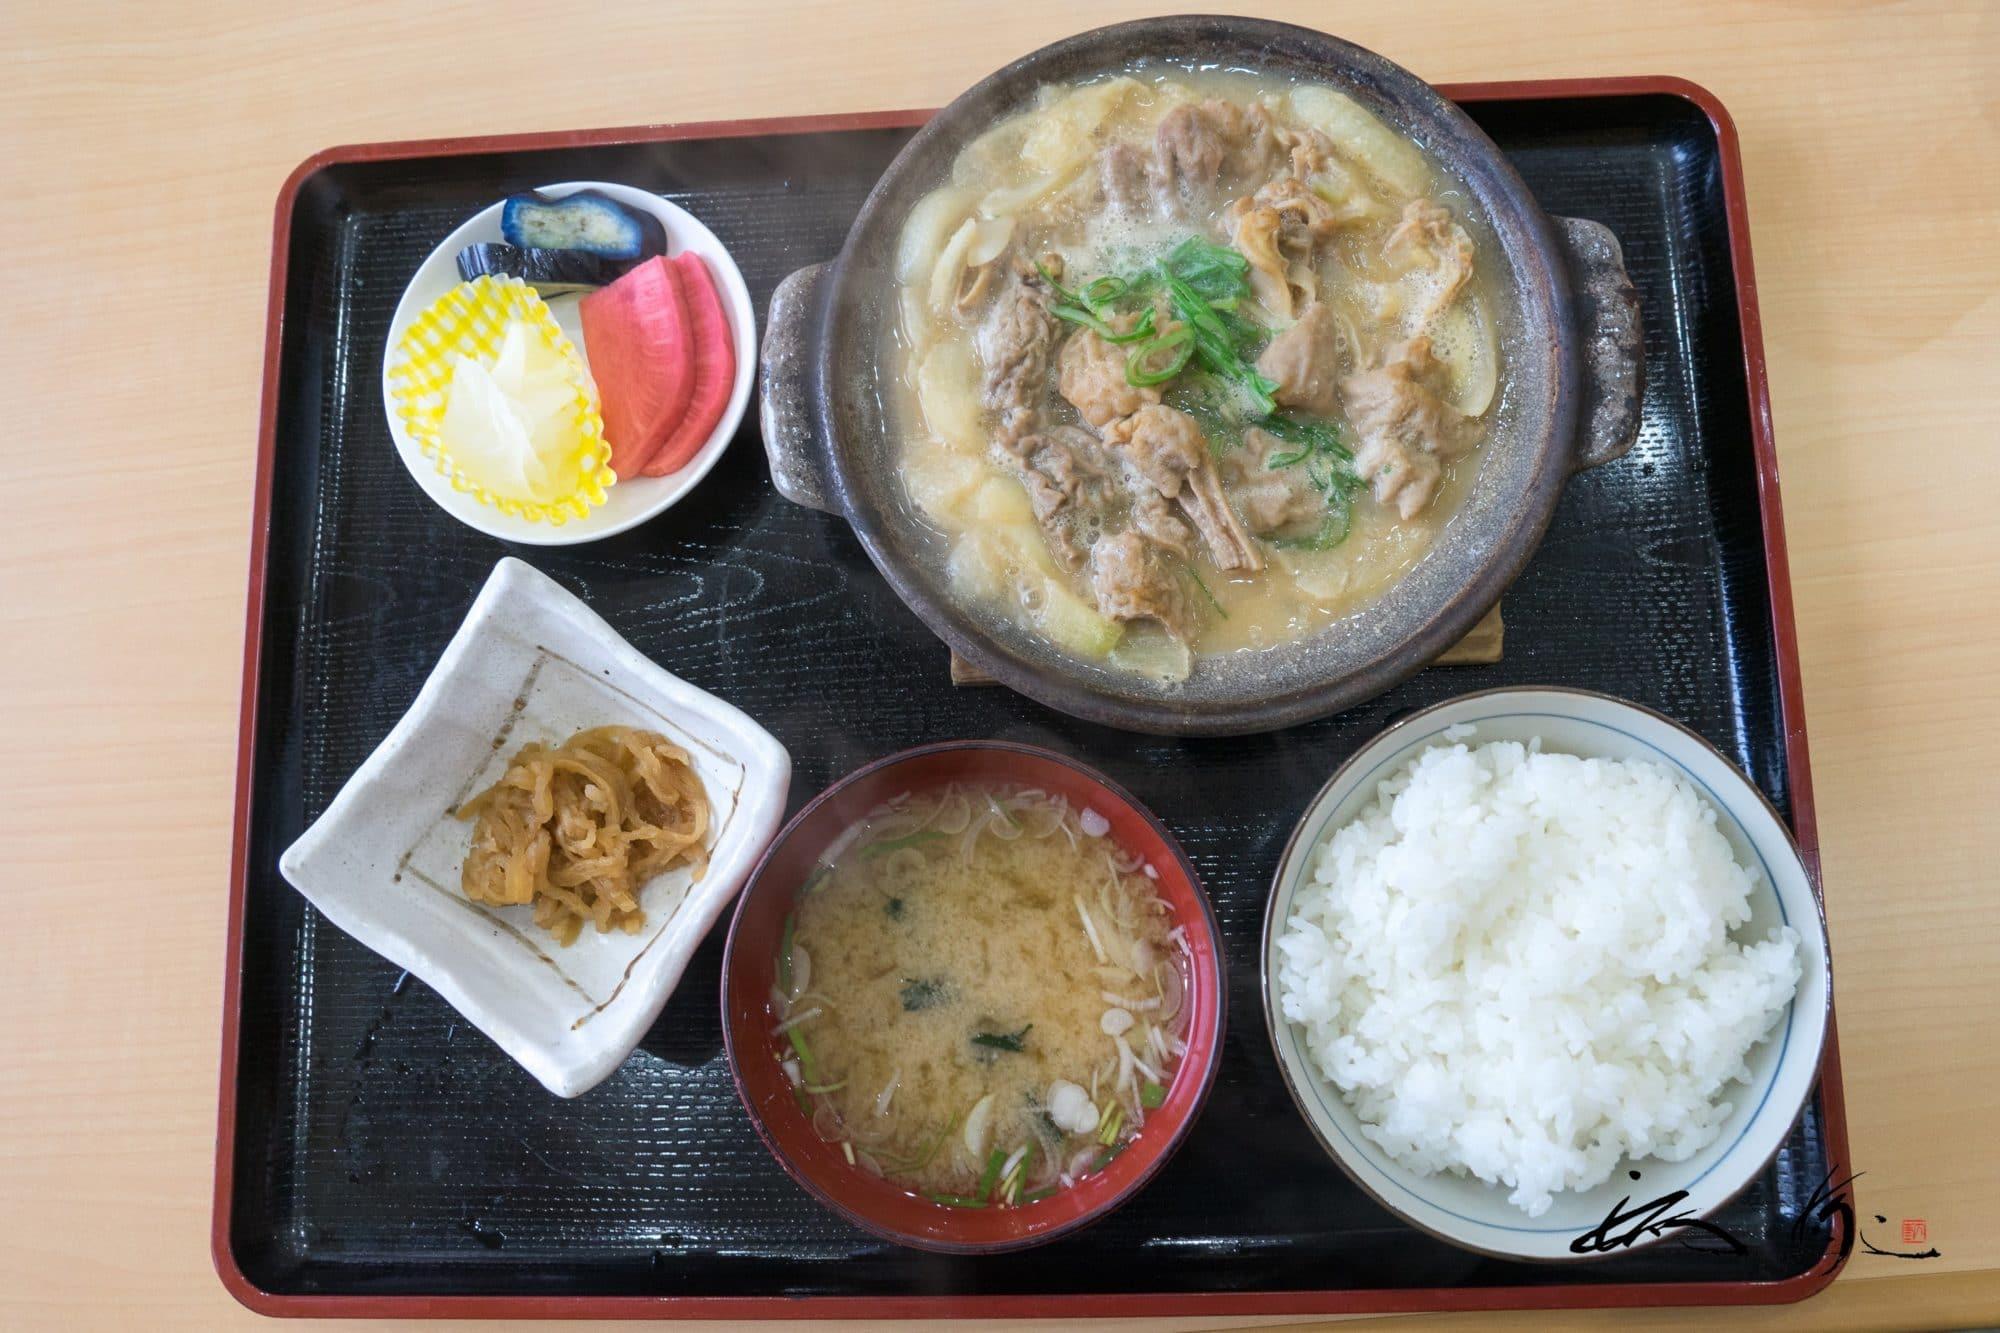 食べ処チロル@道の駅うたしないチロルの湯(歌志内市)で「なんこ定食」を頂く